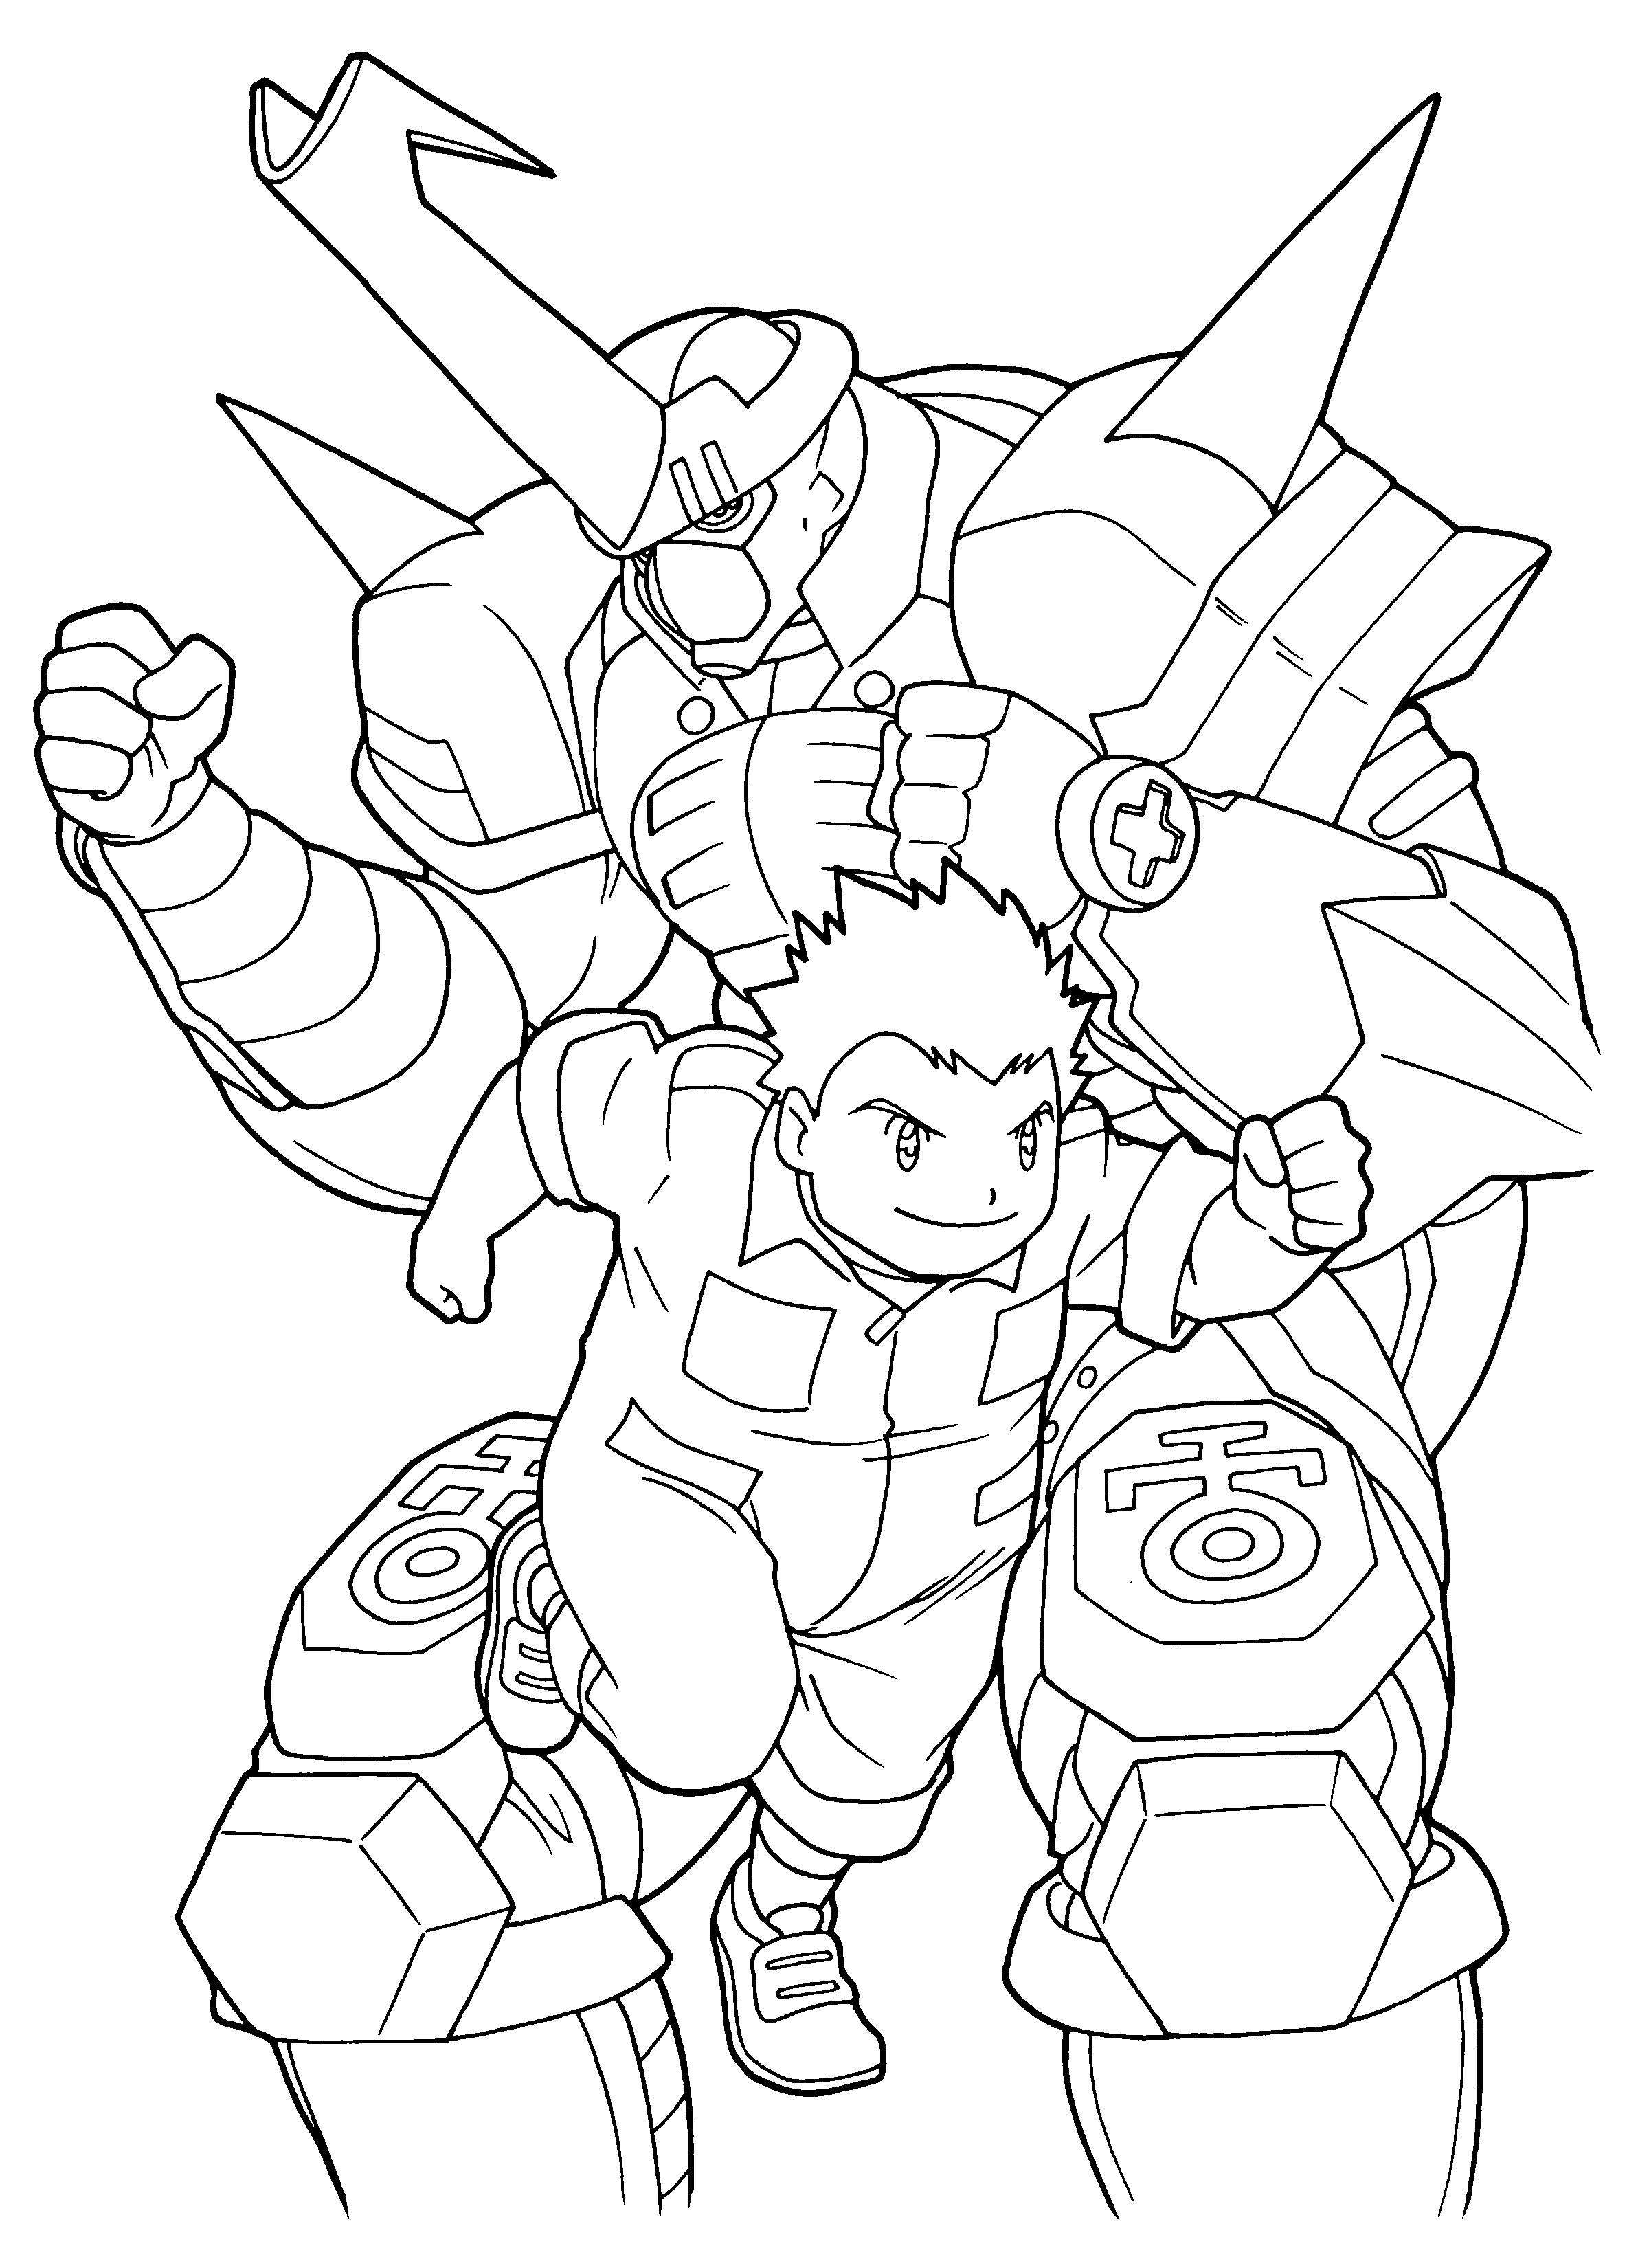 Coloriage Digimon #46 (Dessins Animés) - Coloriages à imprimer